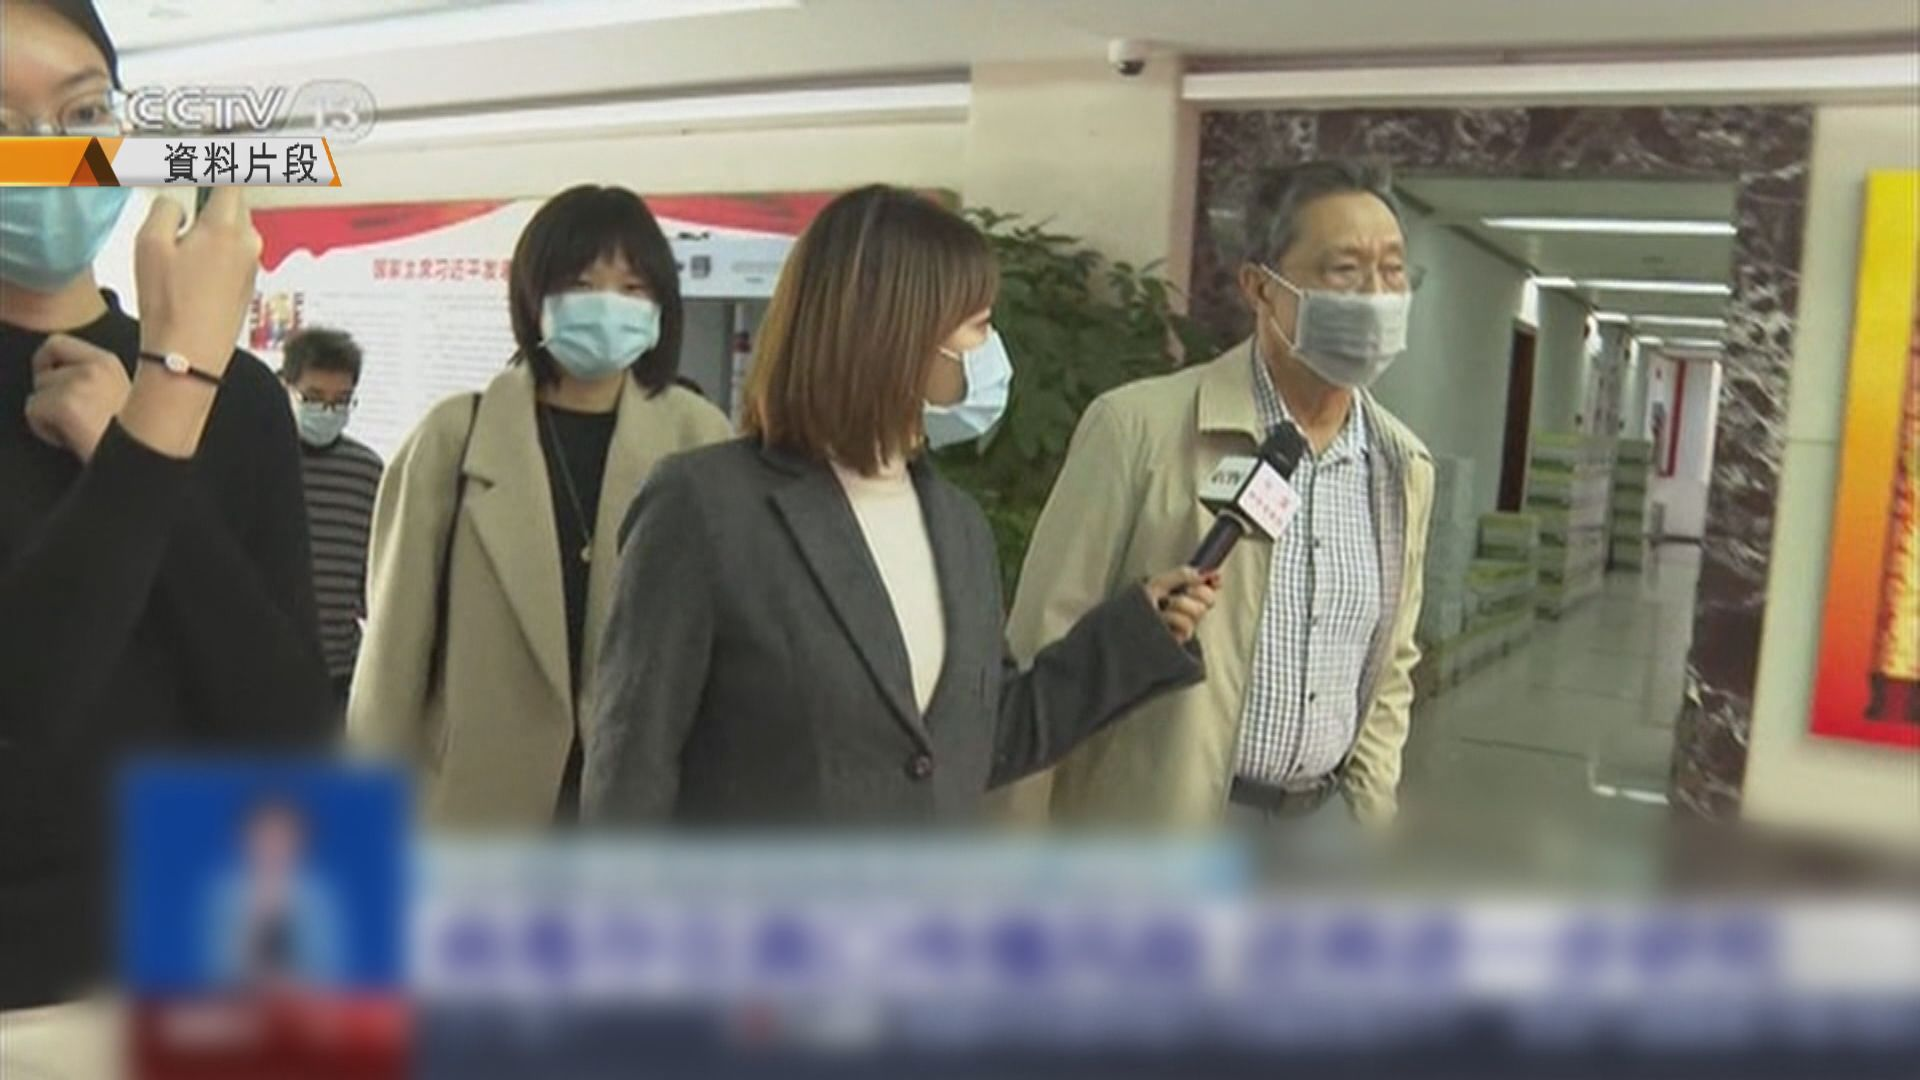 鍾南山被推選為共和國勳章建議人選